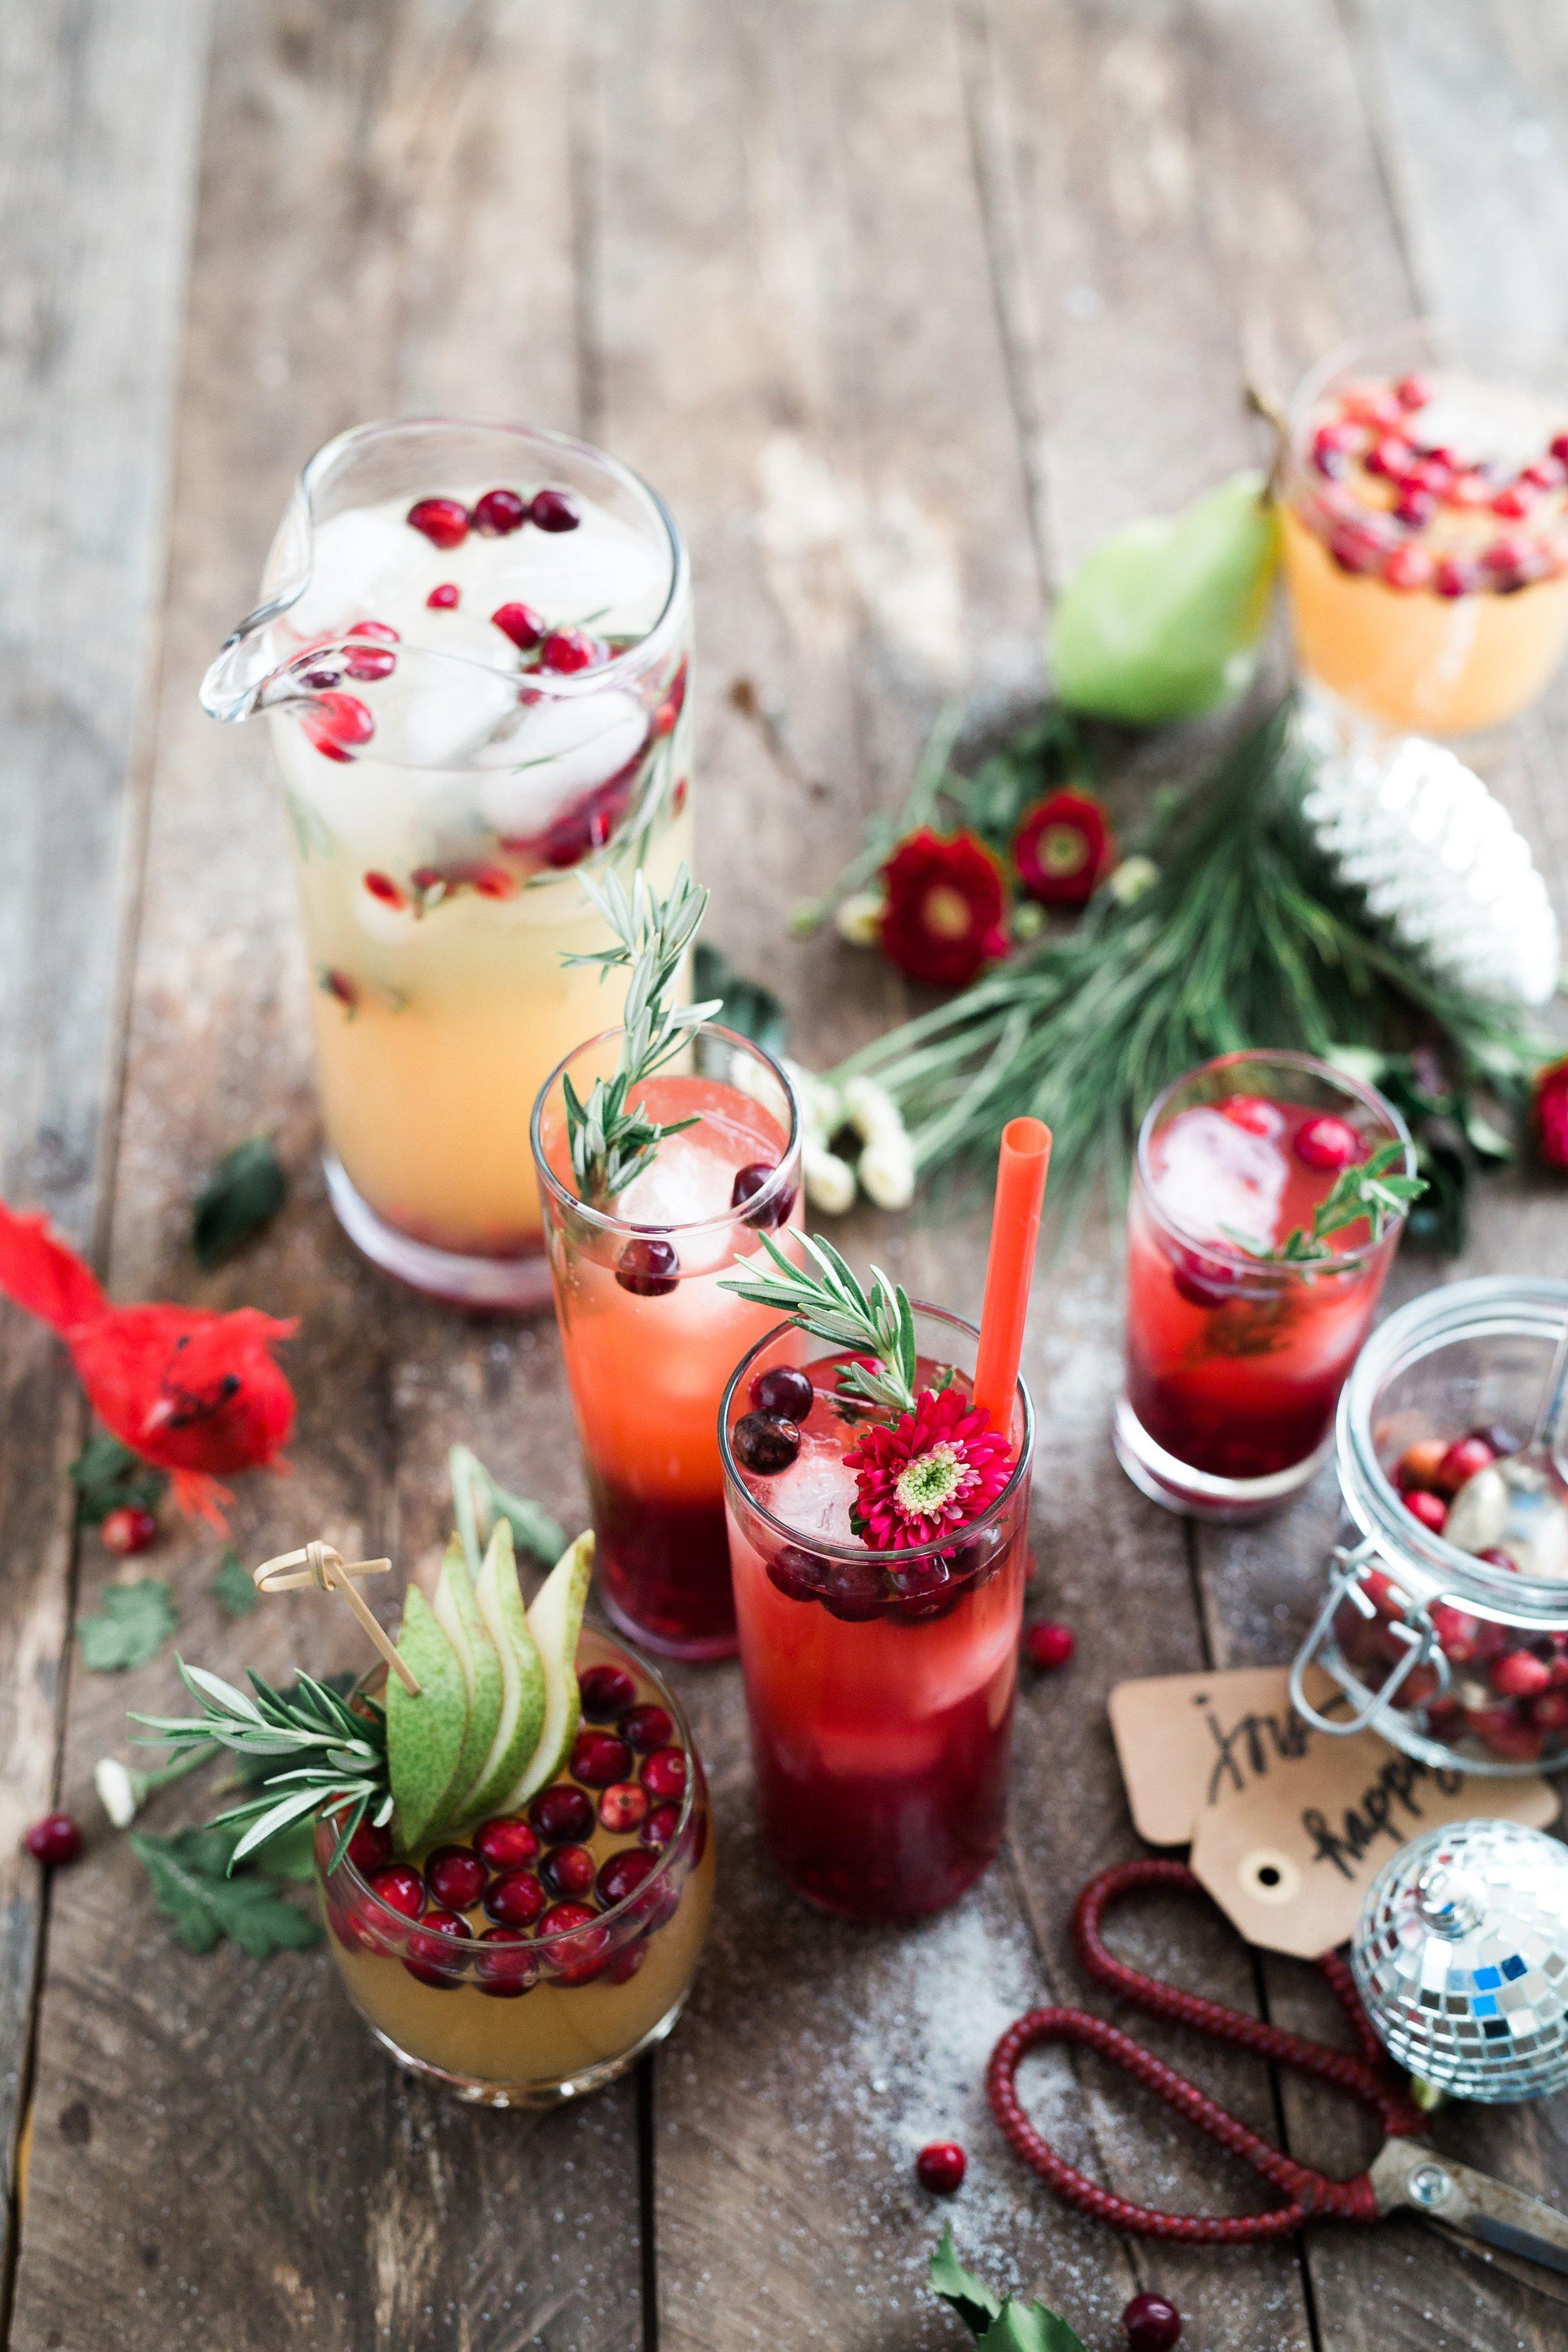 brooke-lark-cocktails.jpg